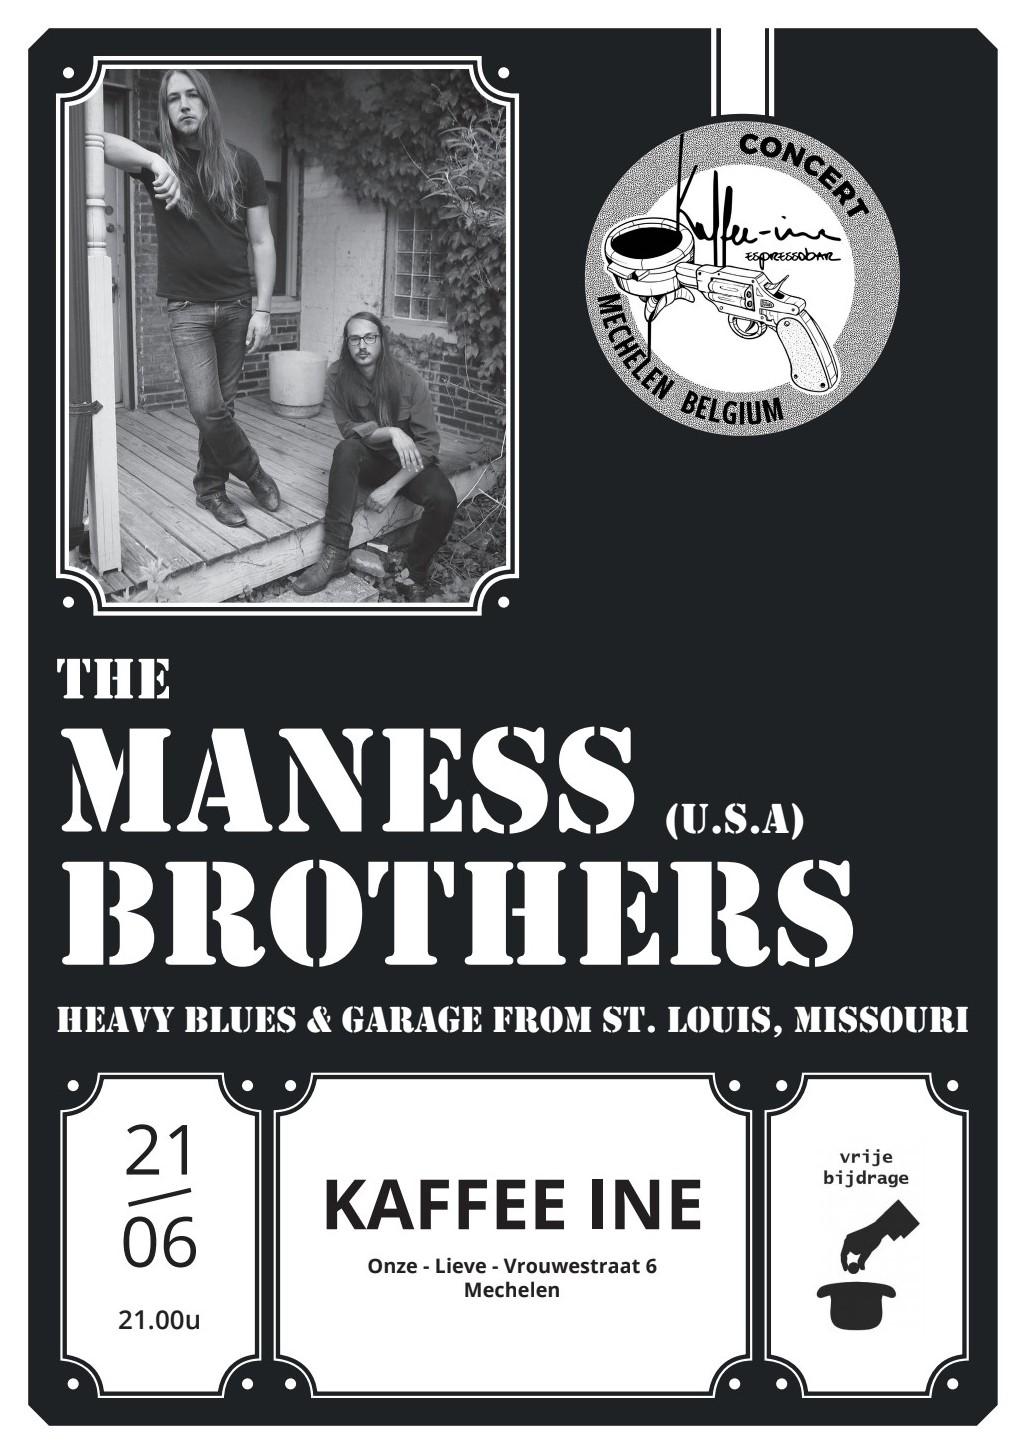 Kaffee Crop (2).jpg